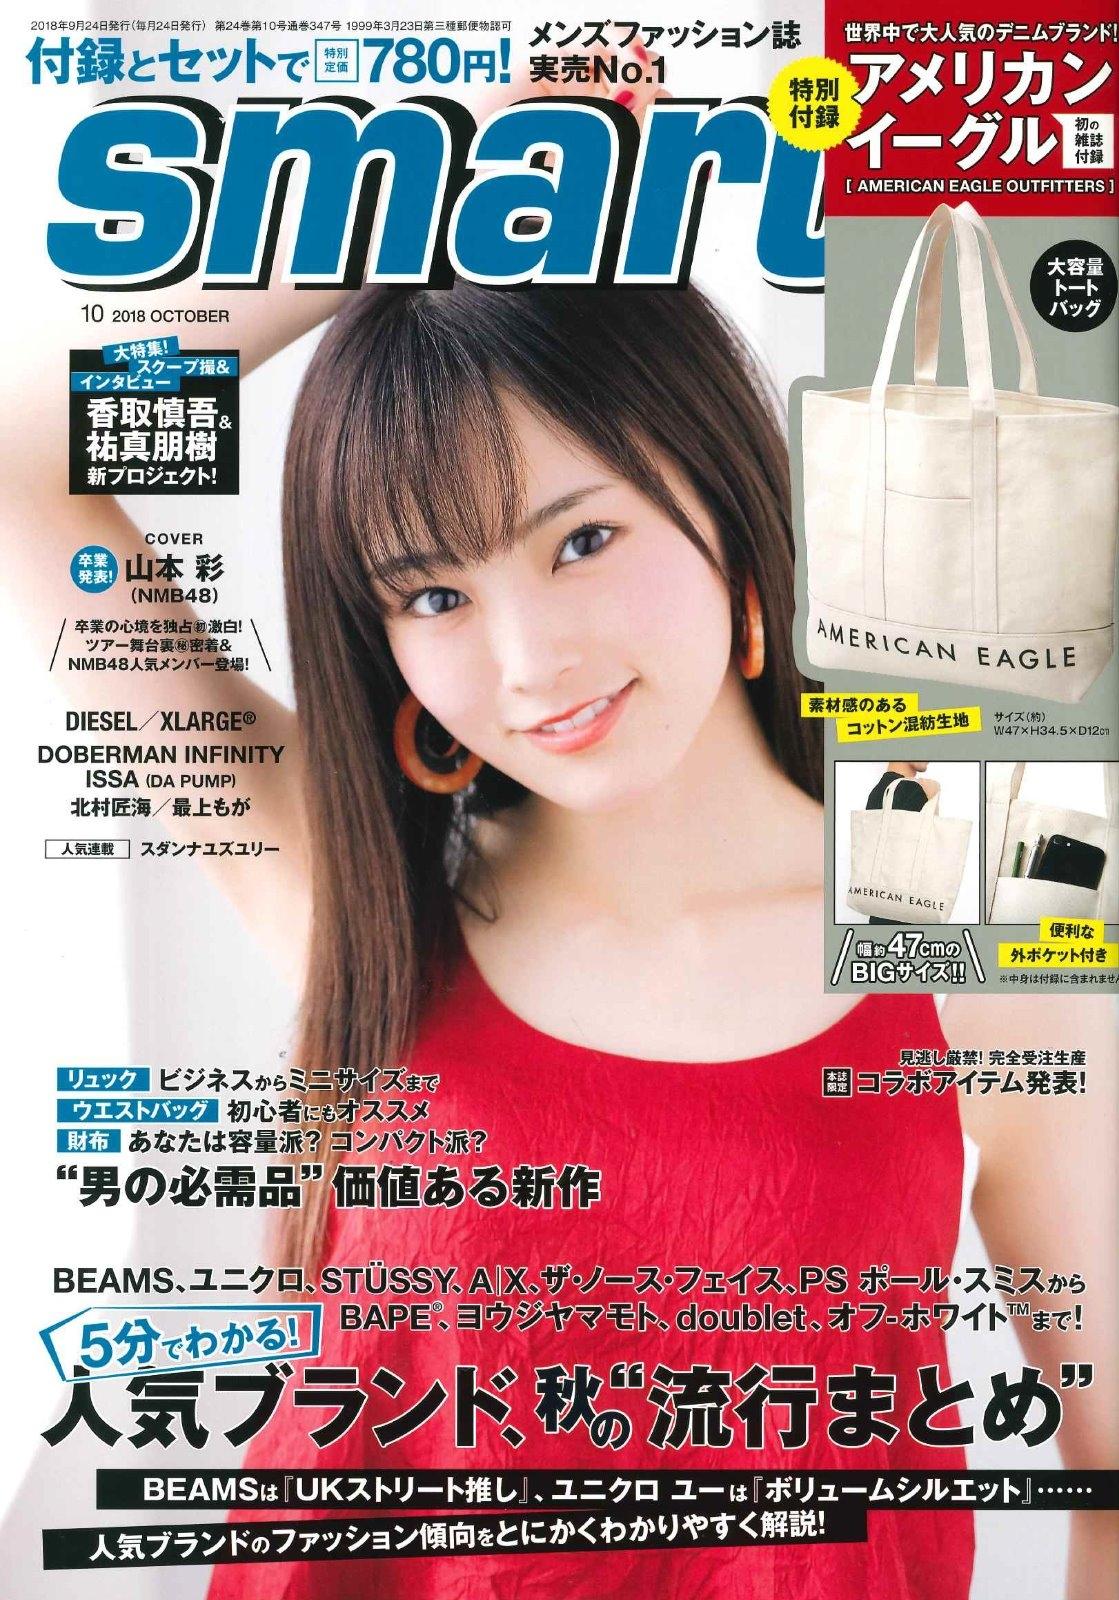 【smart】10月号掲載情報